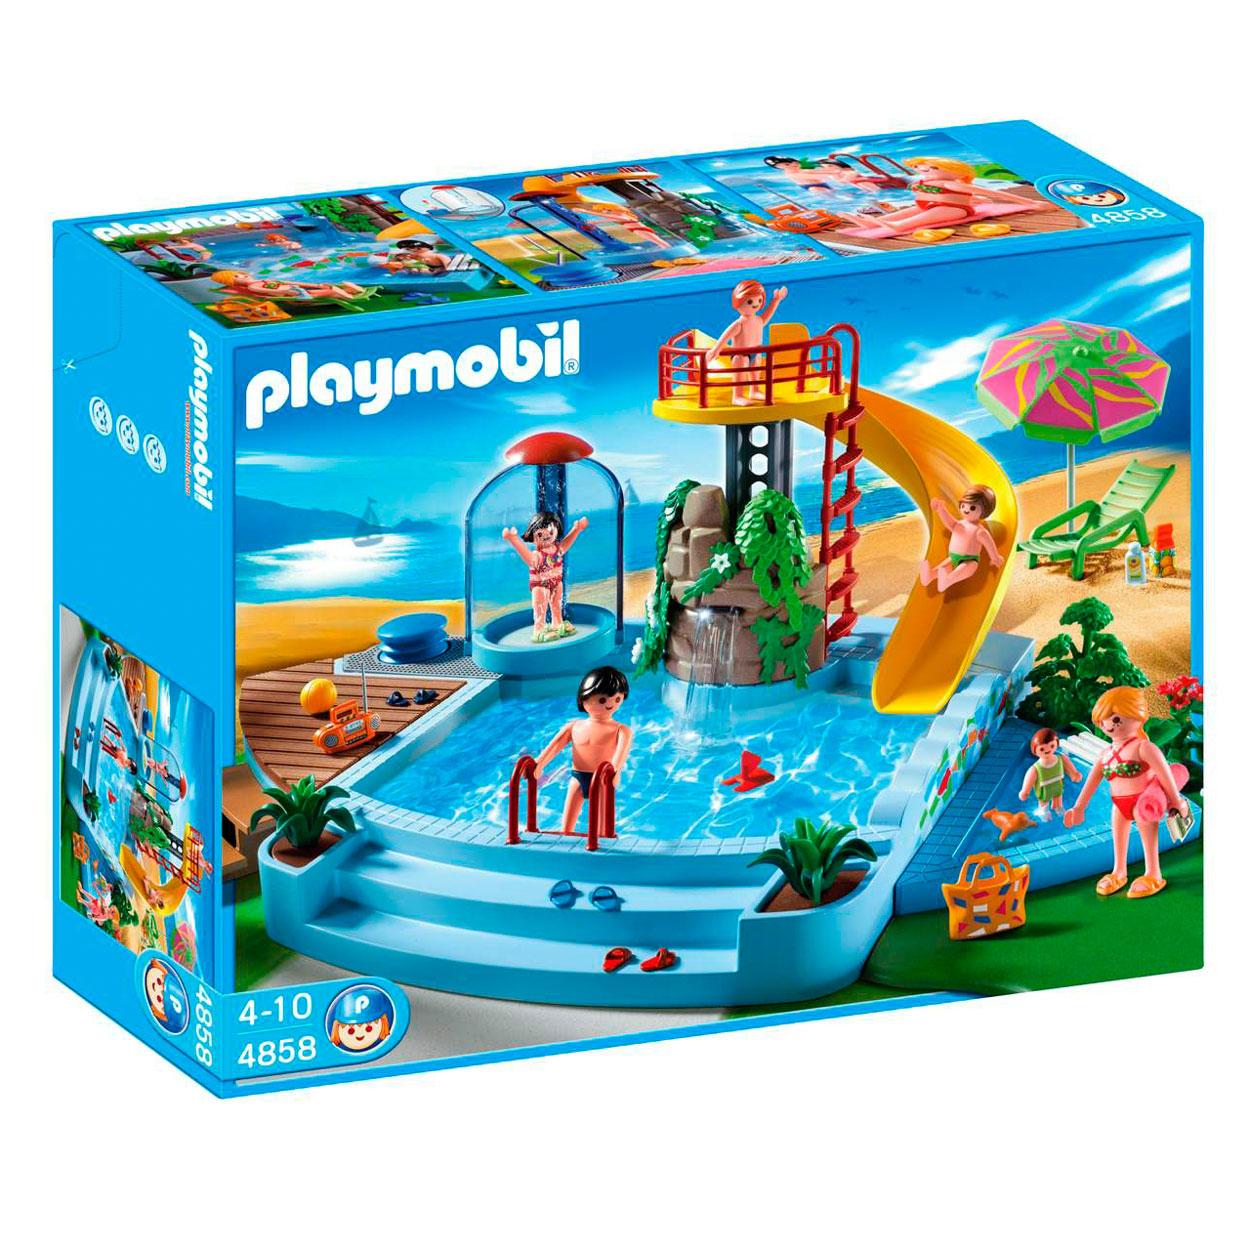 7d3d25a6871ced Playmobil 4858 Openluchtzwembad met Glijbaan online kopen | Lobbes ...